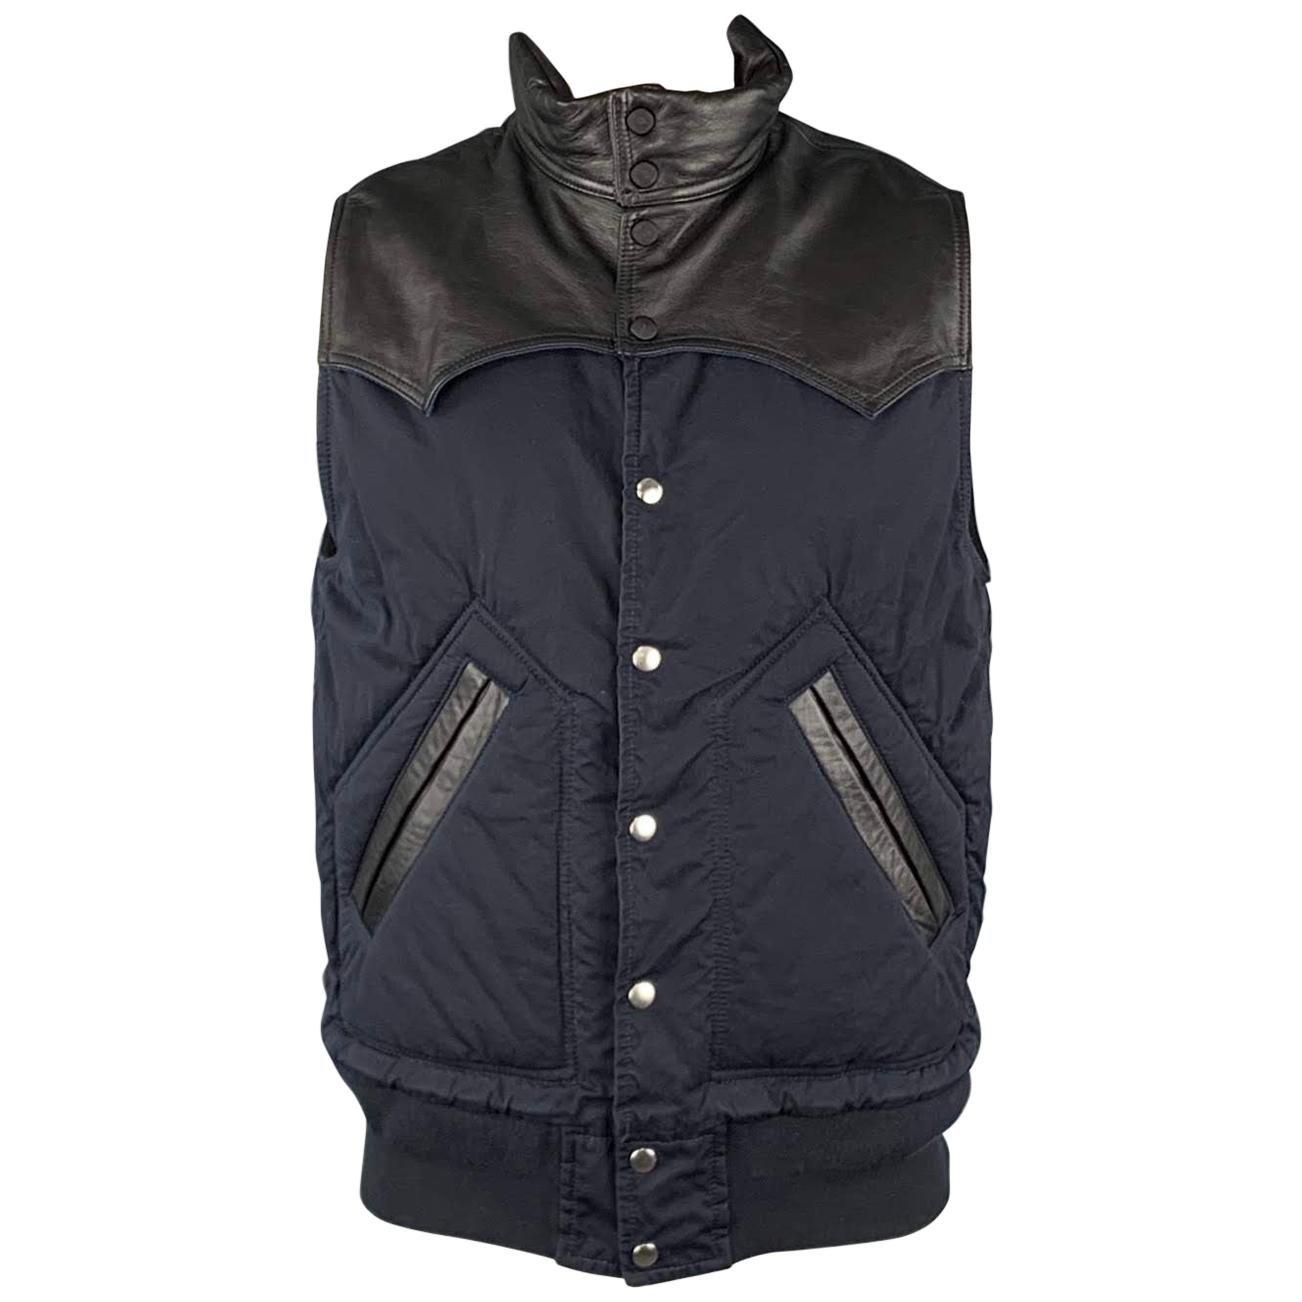 SACAI S Navy & Black Two Toned Cotton Blend Snaps Vest